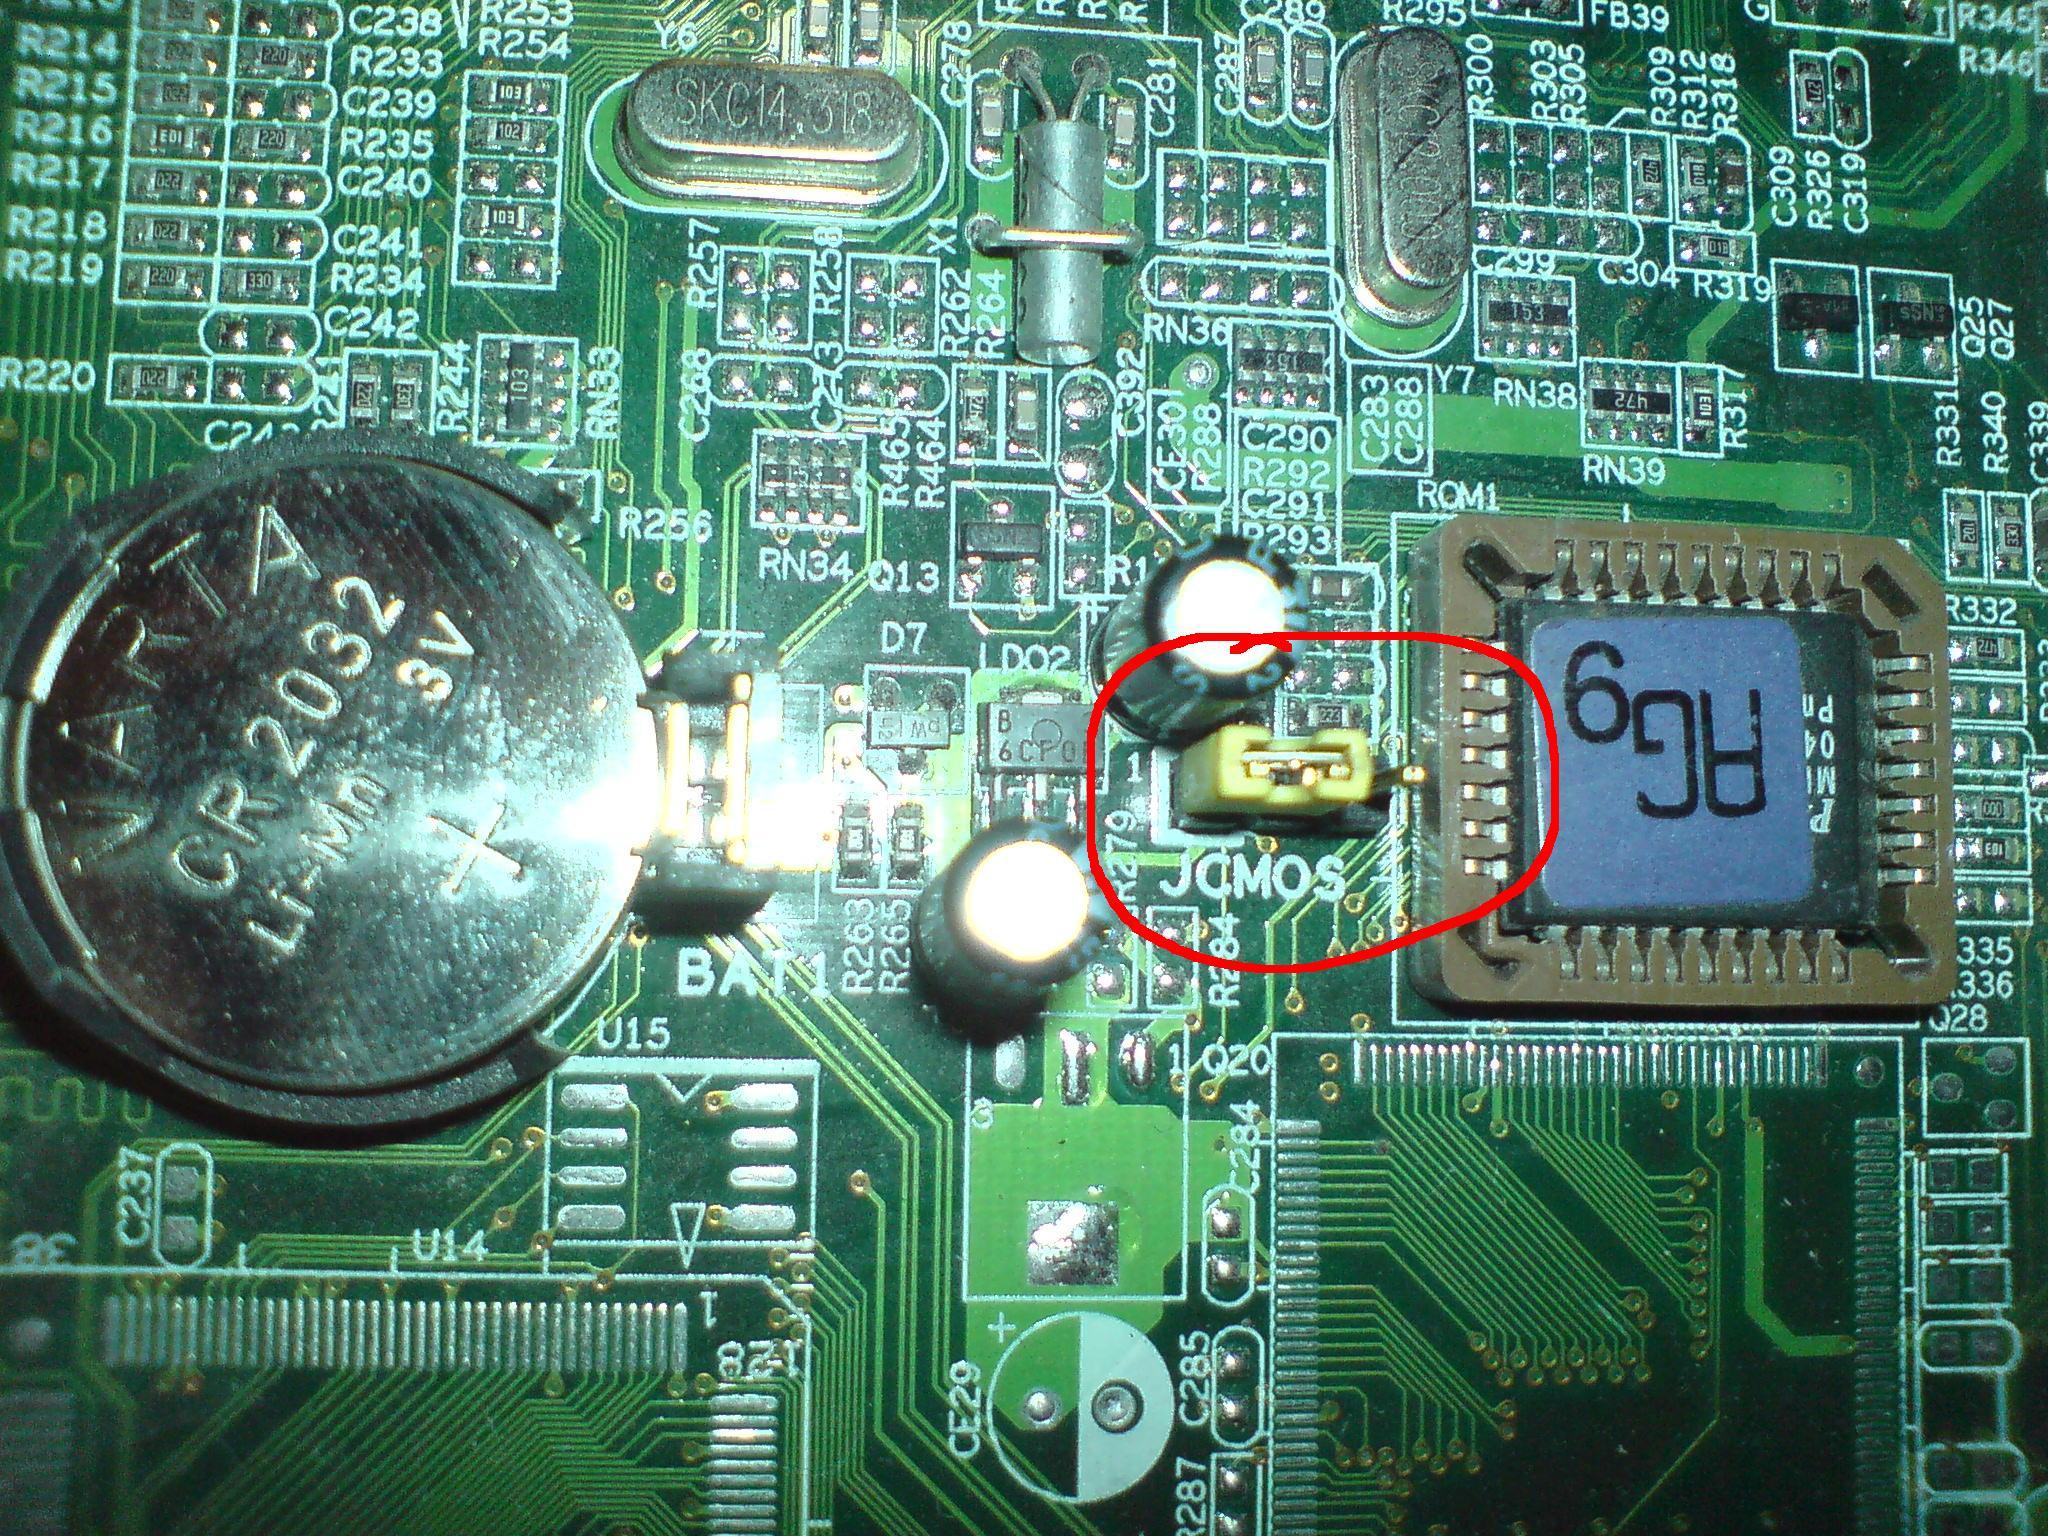 P�yta G��wna EP-8RDA3I - wy�wietlacz p�yty i resetownie si� BIOS-u